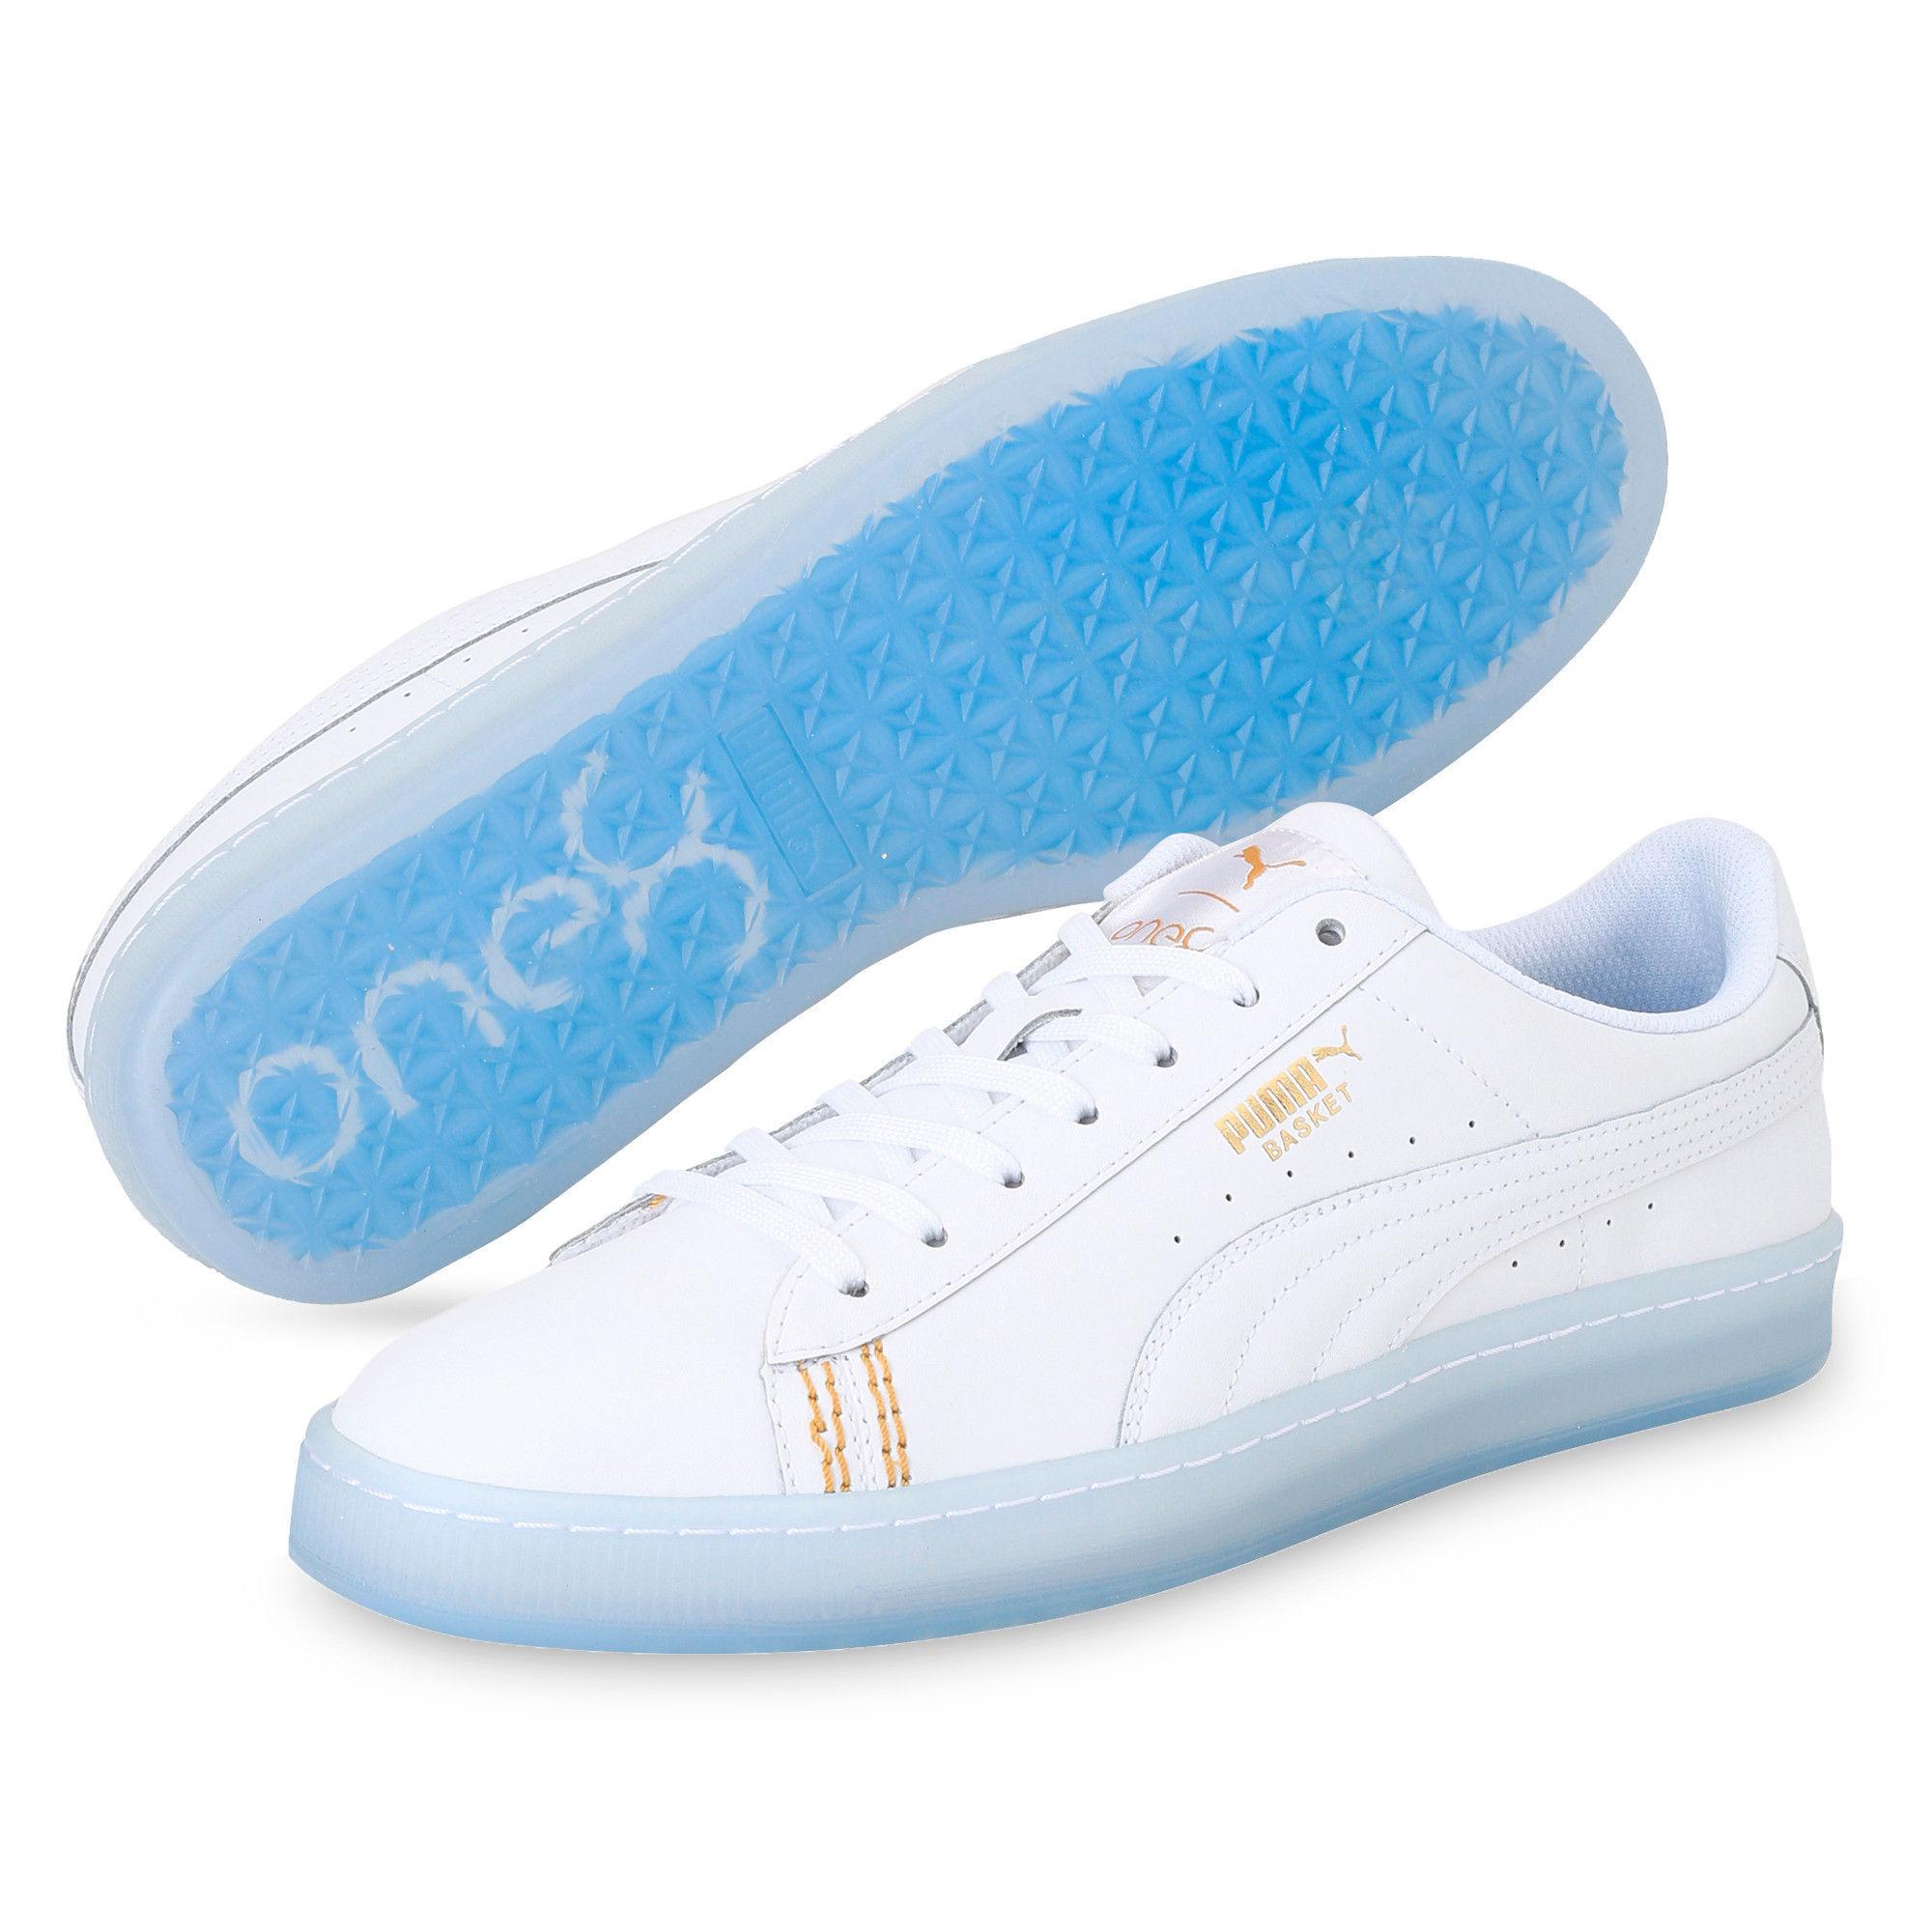 Puma Basket Classic One8 Unisex White